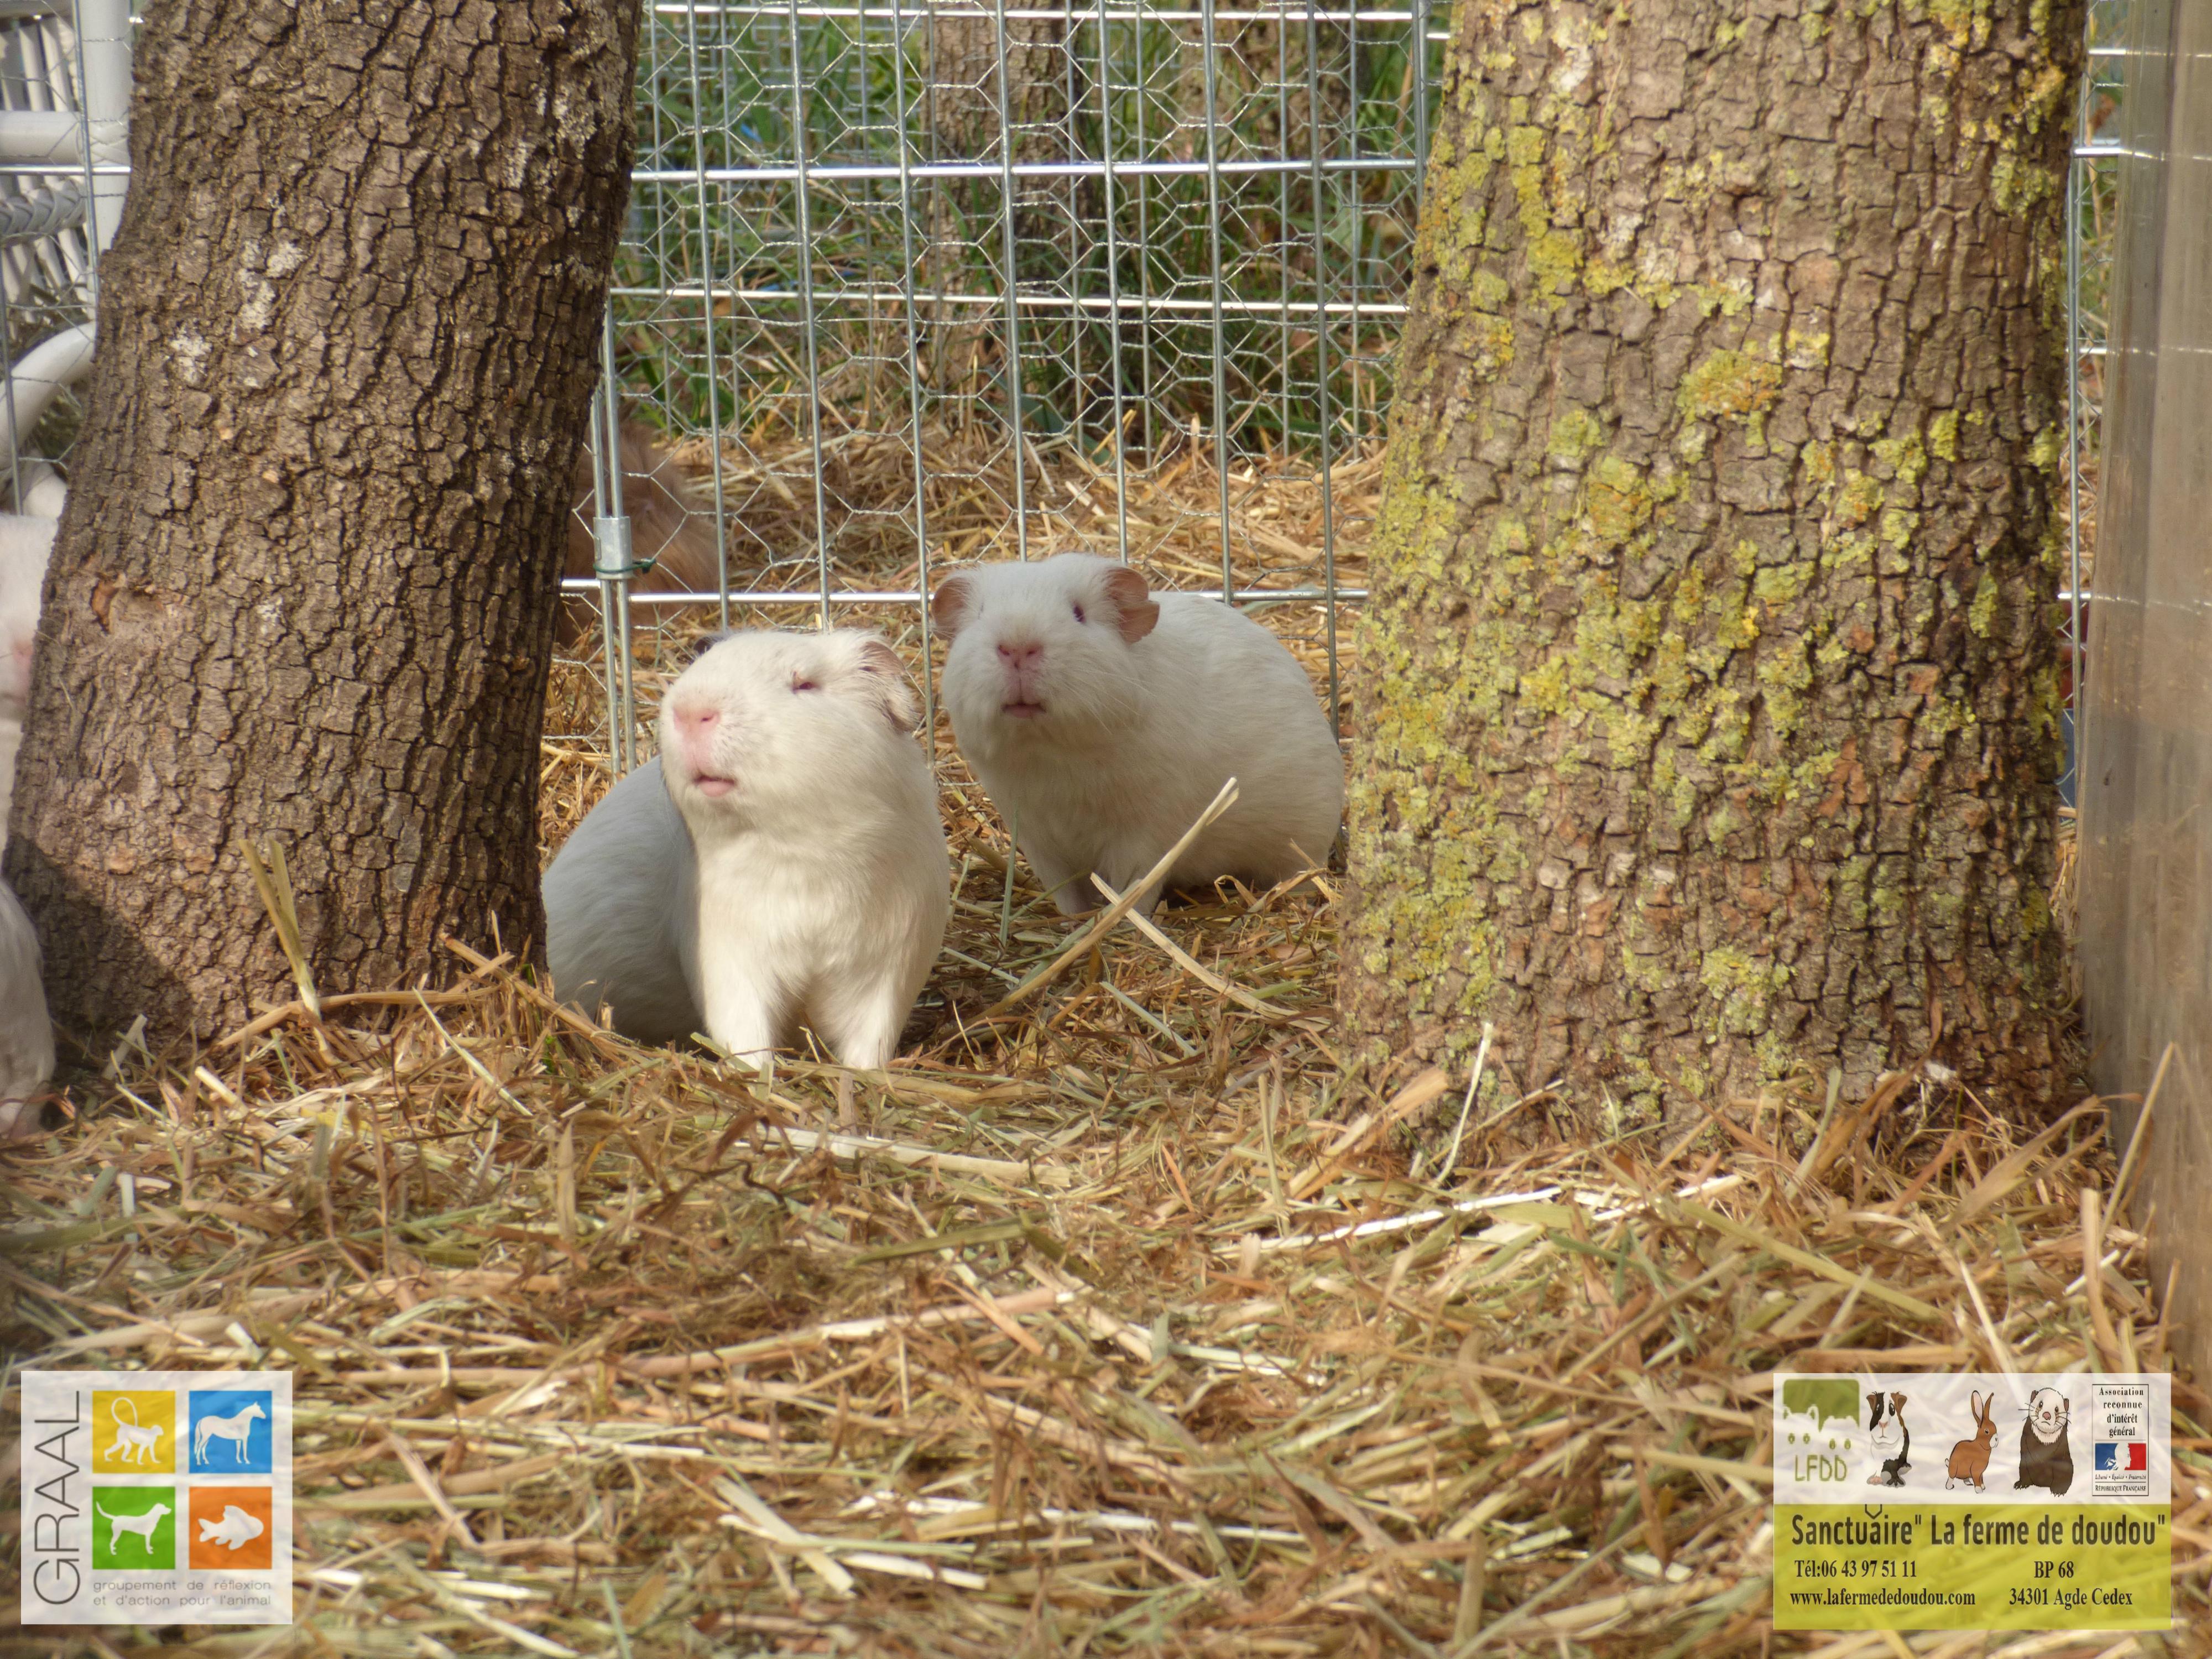 Cochons d'Inde laboratoire GRAAL - La ferme de Doudou